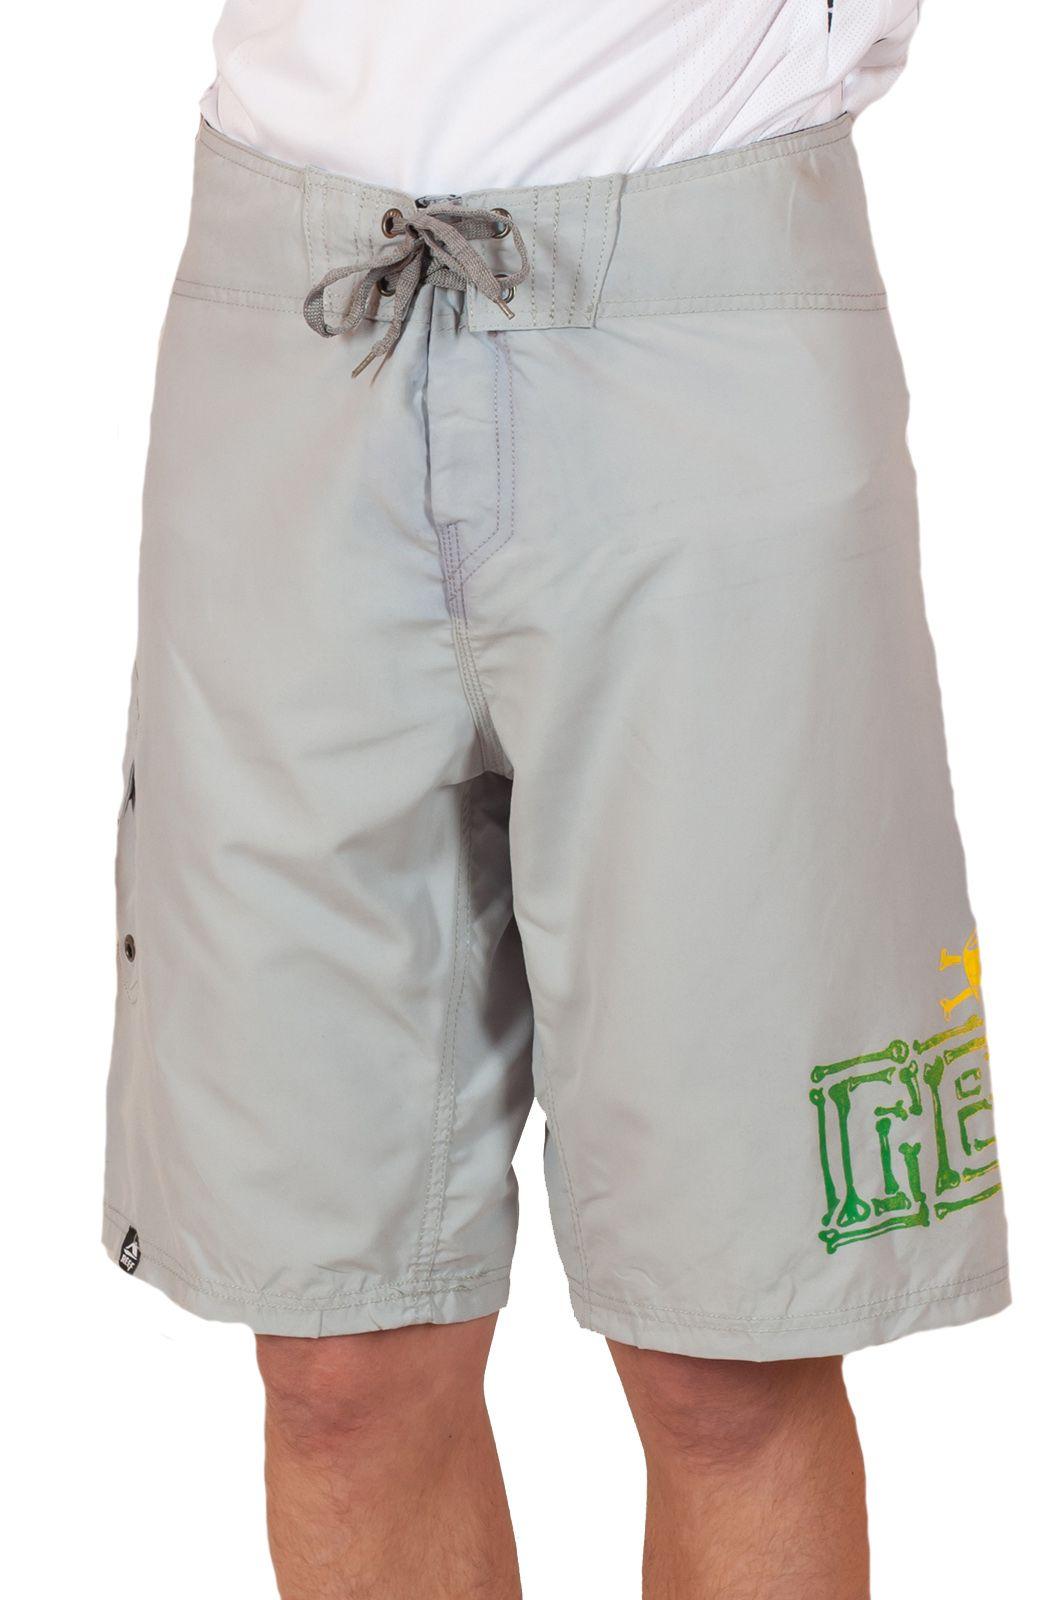 Легкие шорты Reef для подростков - вид спереди